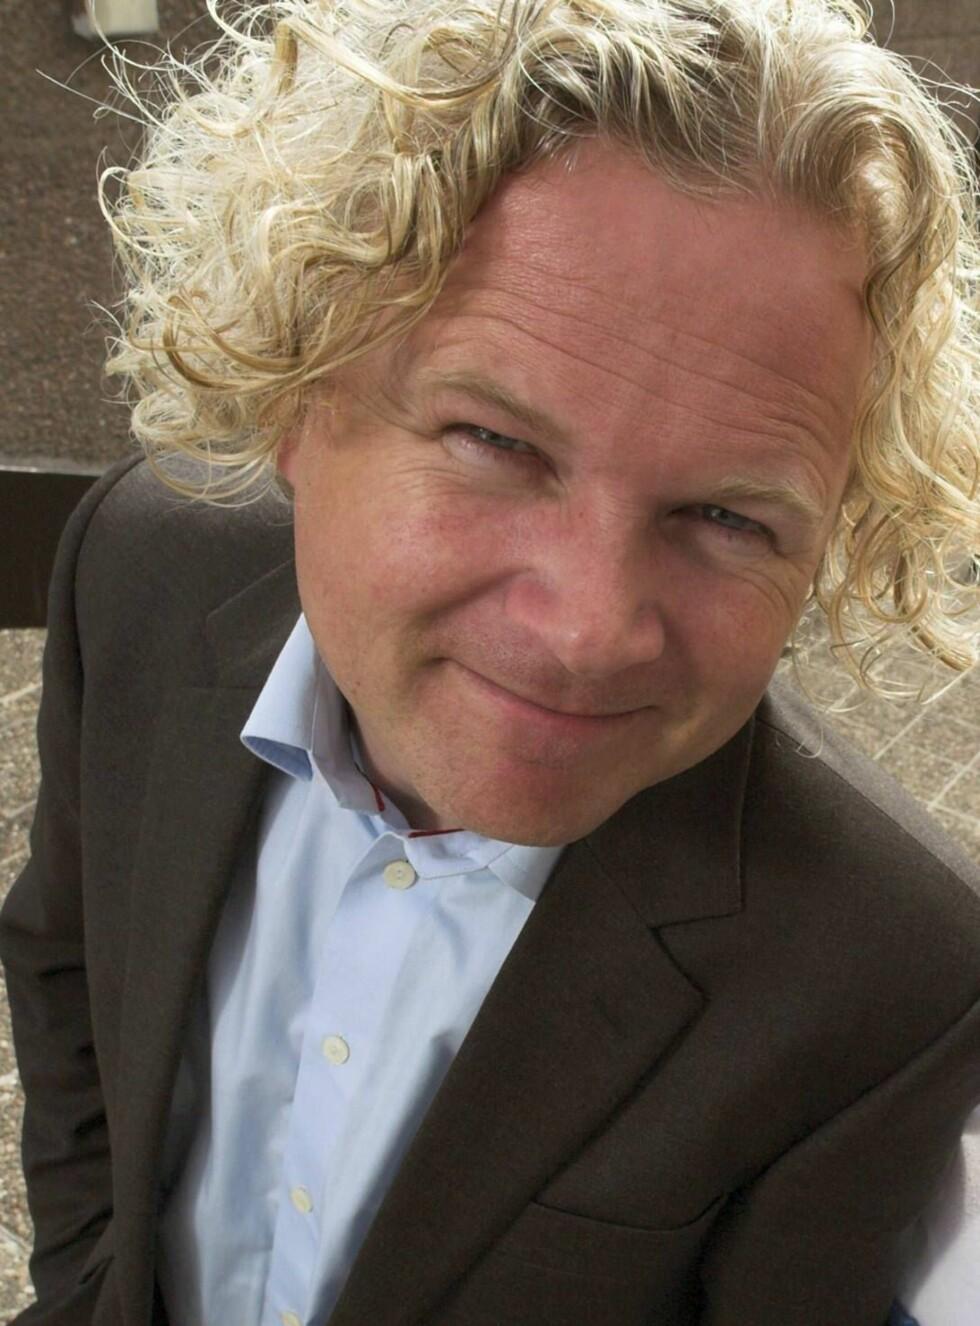 TJENTE GODT: Hele 2,7 millioner kroner fikk Øyvind Fjeldheim for sin leilighet på Frogner. Foto: TV 2